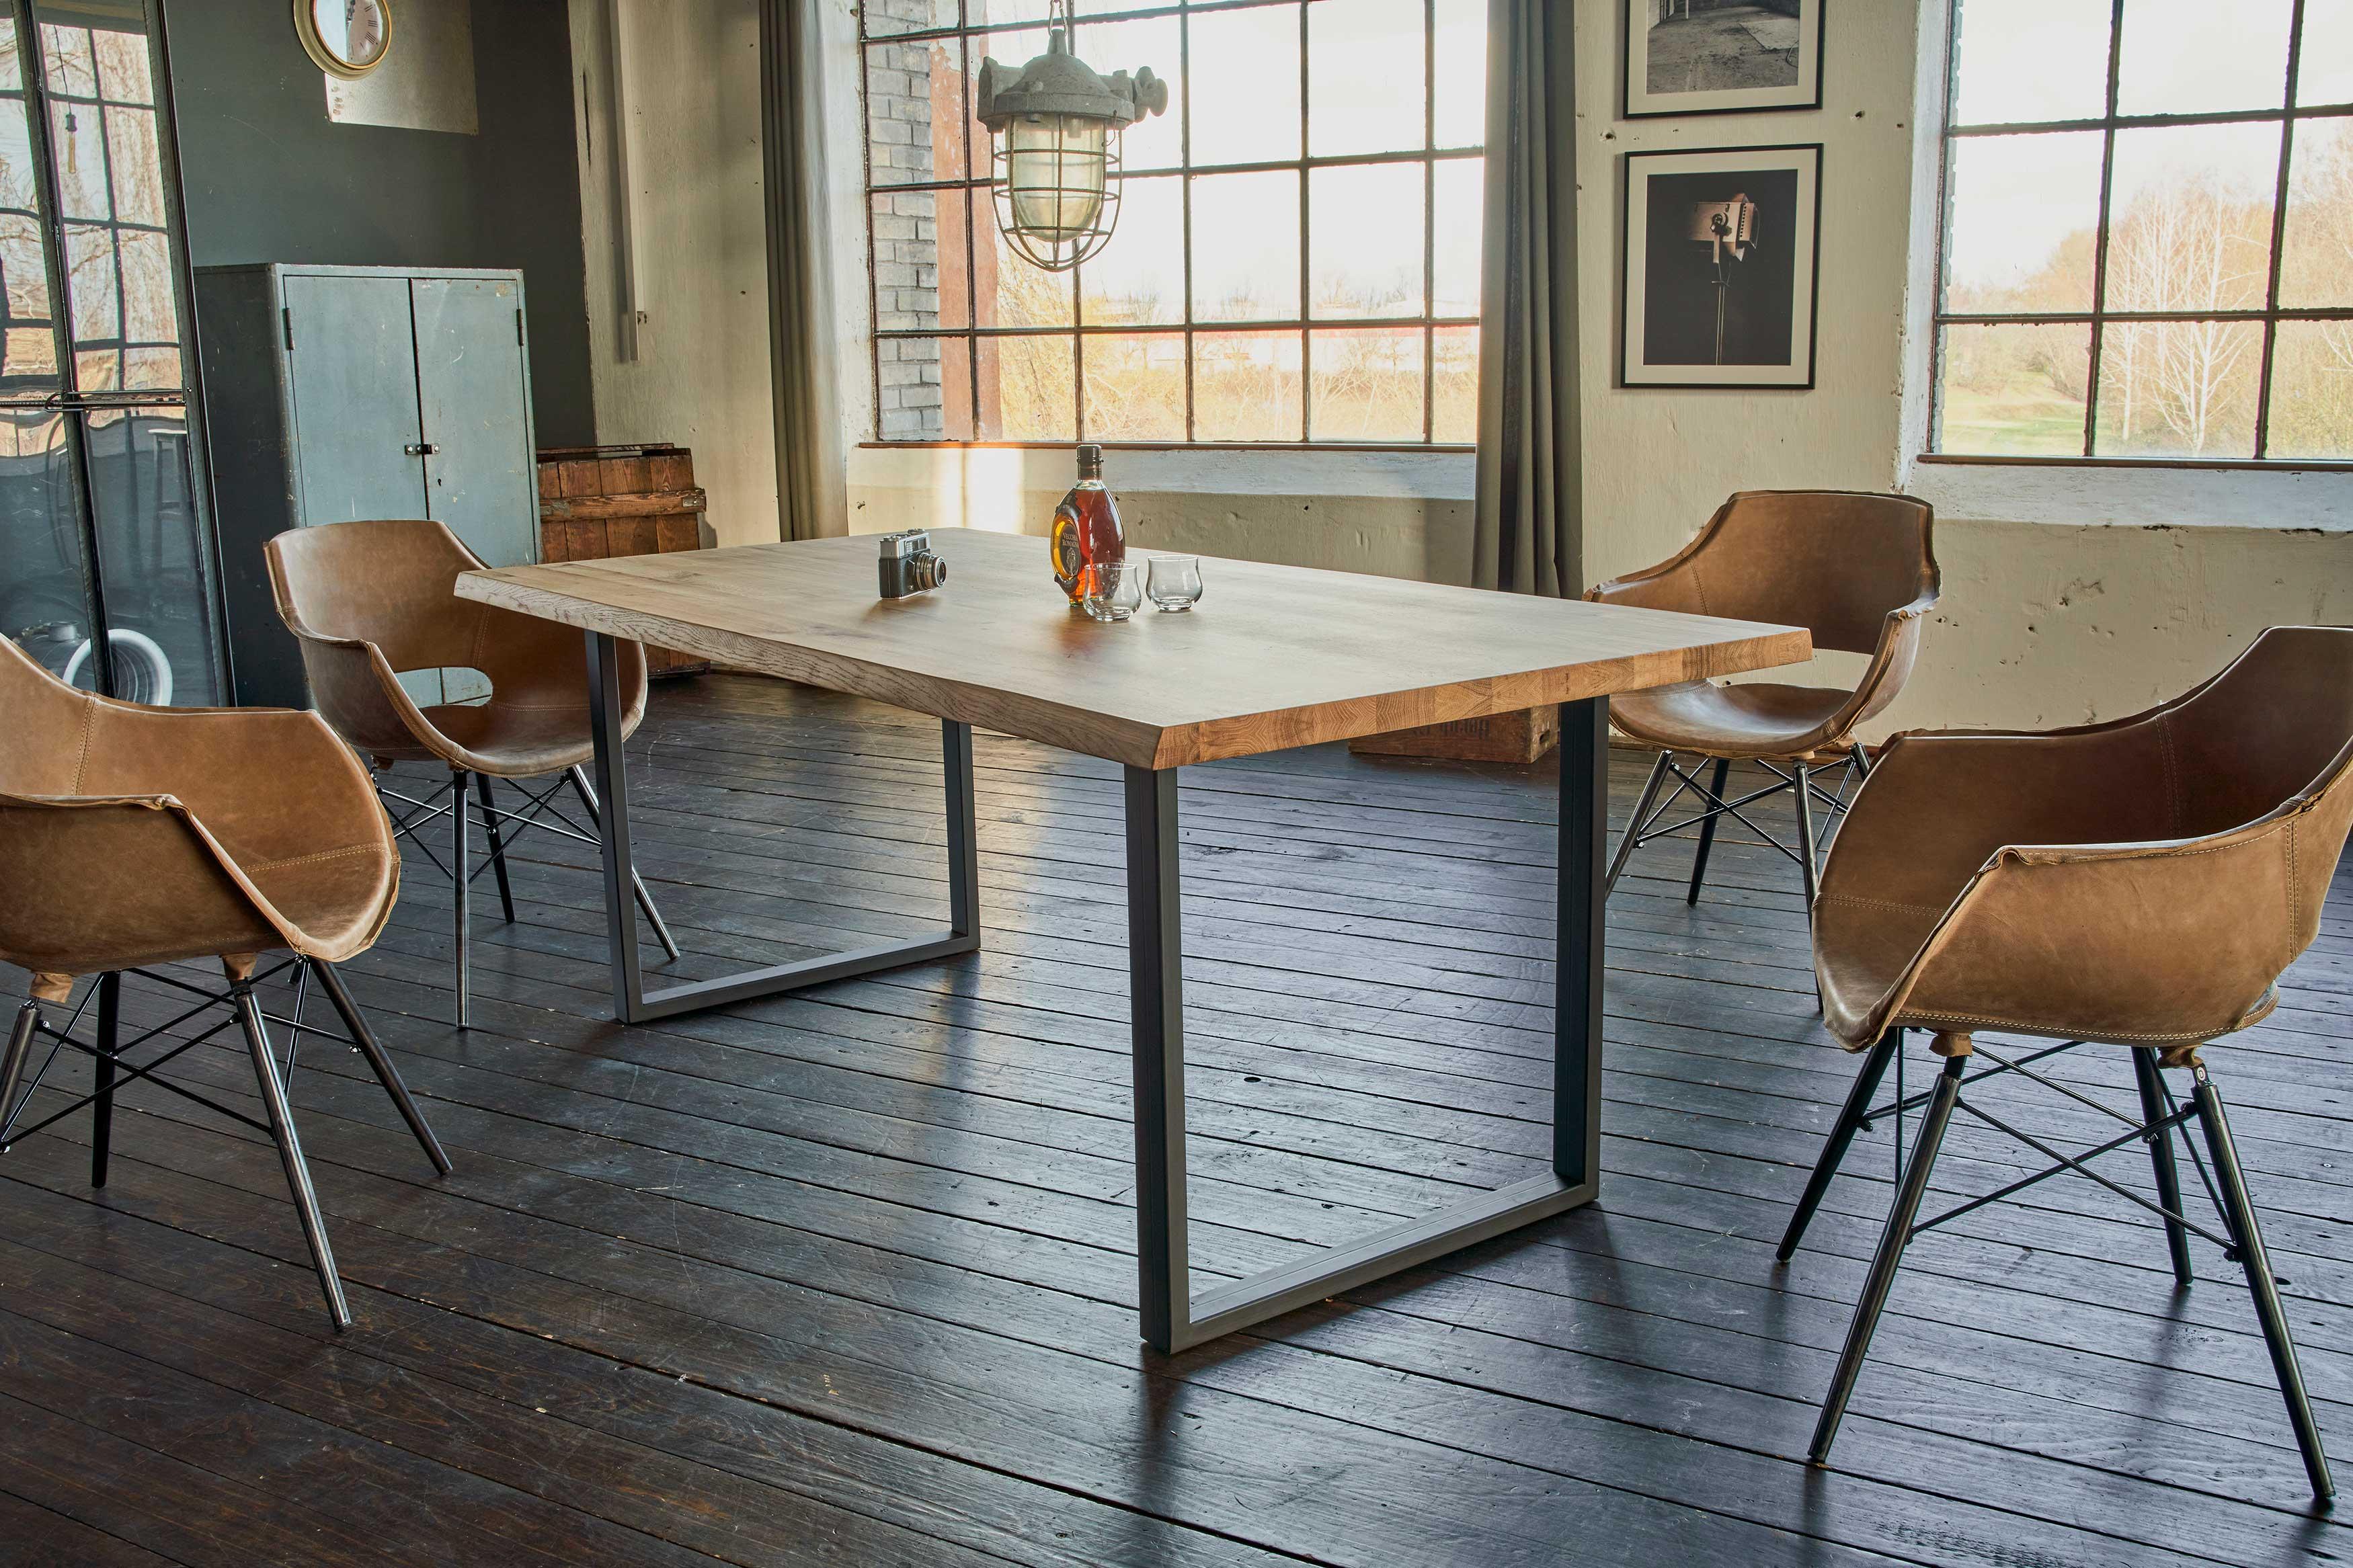 Fred Massivholztisch mit Baumkante 100x200 cm